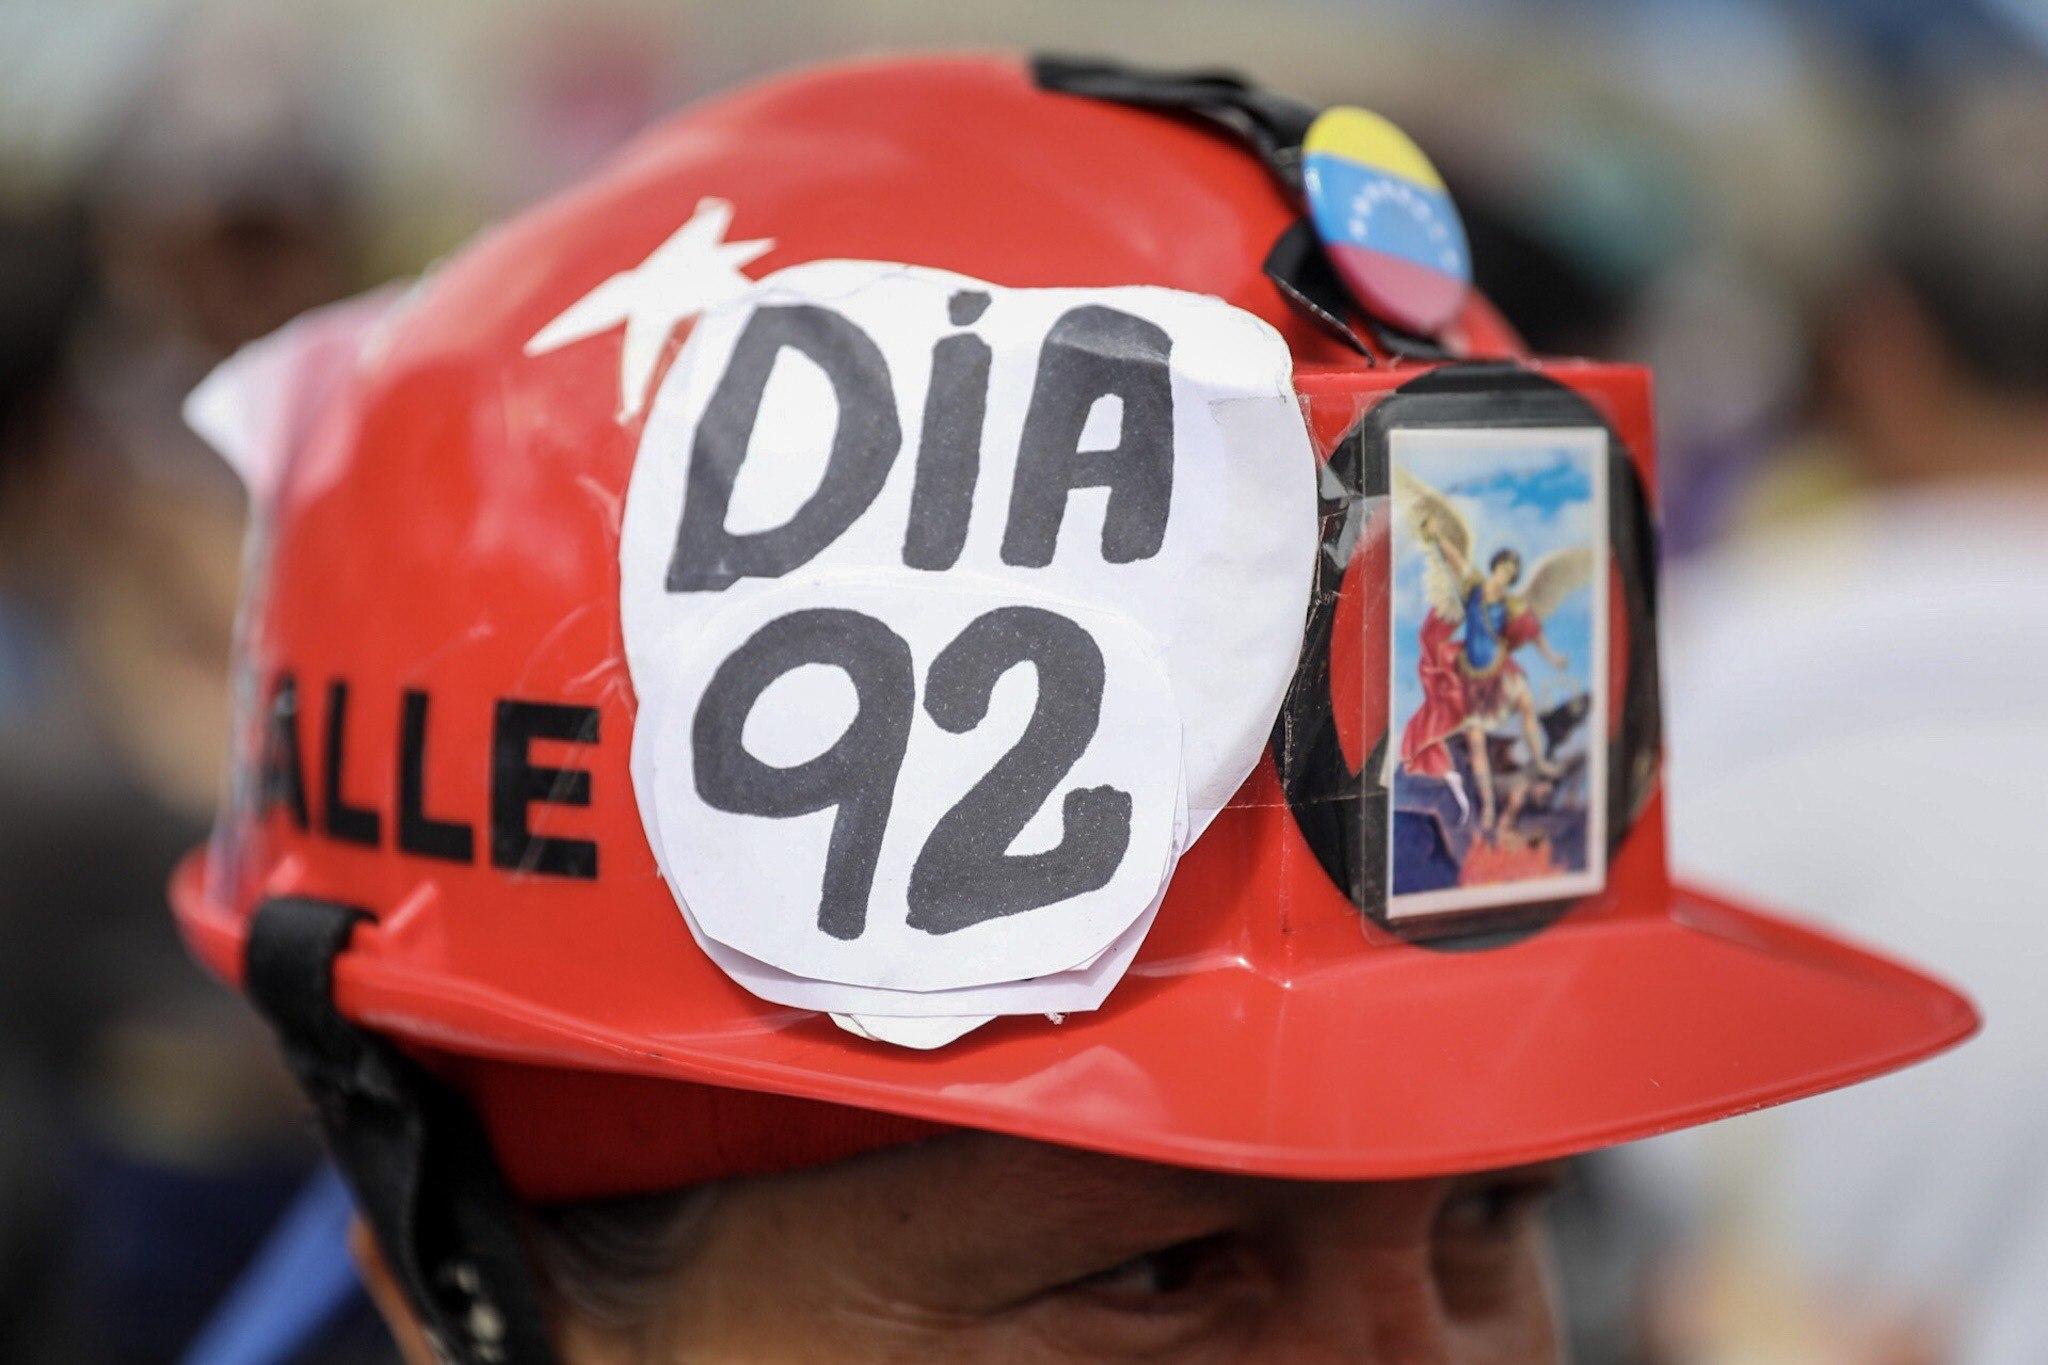 CAR10. CARACAS (VENEZUELA), 01/07/2017.- Manifestantes opositores participan en una marcha hoy, sábado 1 de julio de 2017, en Caracas (Venezuela). La oposición venezolana realiza hoy una concentración en Caracas como protesta contra la solicitud de antejuicio de mérito contra la fiscal de ese país, Luisa Ortega Díaz, que el Tribunal Supremo de Justicia (TSJ) admitió el pasado 20 de junio y con lo que la funcionaria podría ser enjuiciada. La coalición opositora Mesa de la Unidad Democrática (MUD) invitó a las personas a concentrarse en el este de Caracas, específicamente en la autopista Francisco Fajardo, principal arteria vial de la capital, a la altura de Los Ruices. EFE/Miguel Gutiérrez